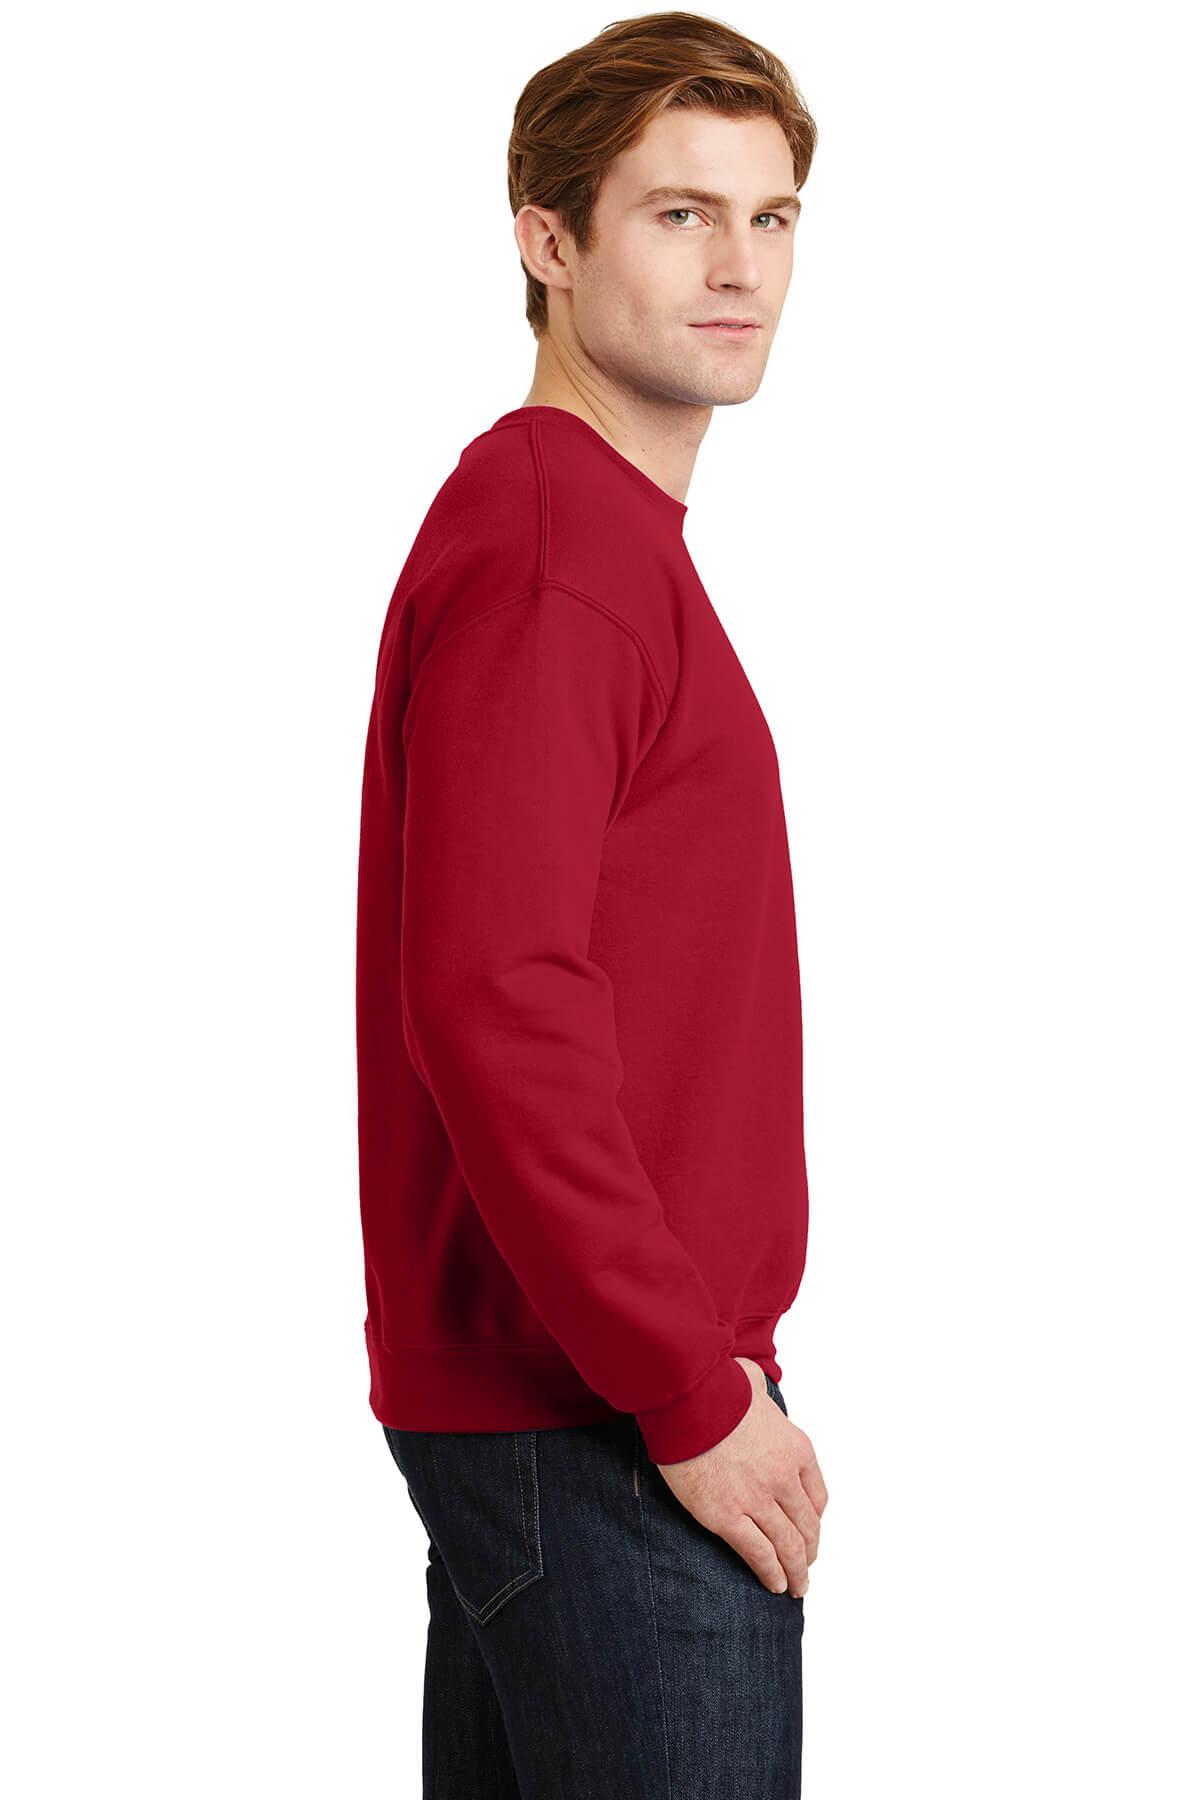 18000-cherry-red-3